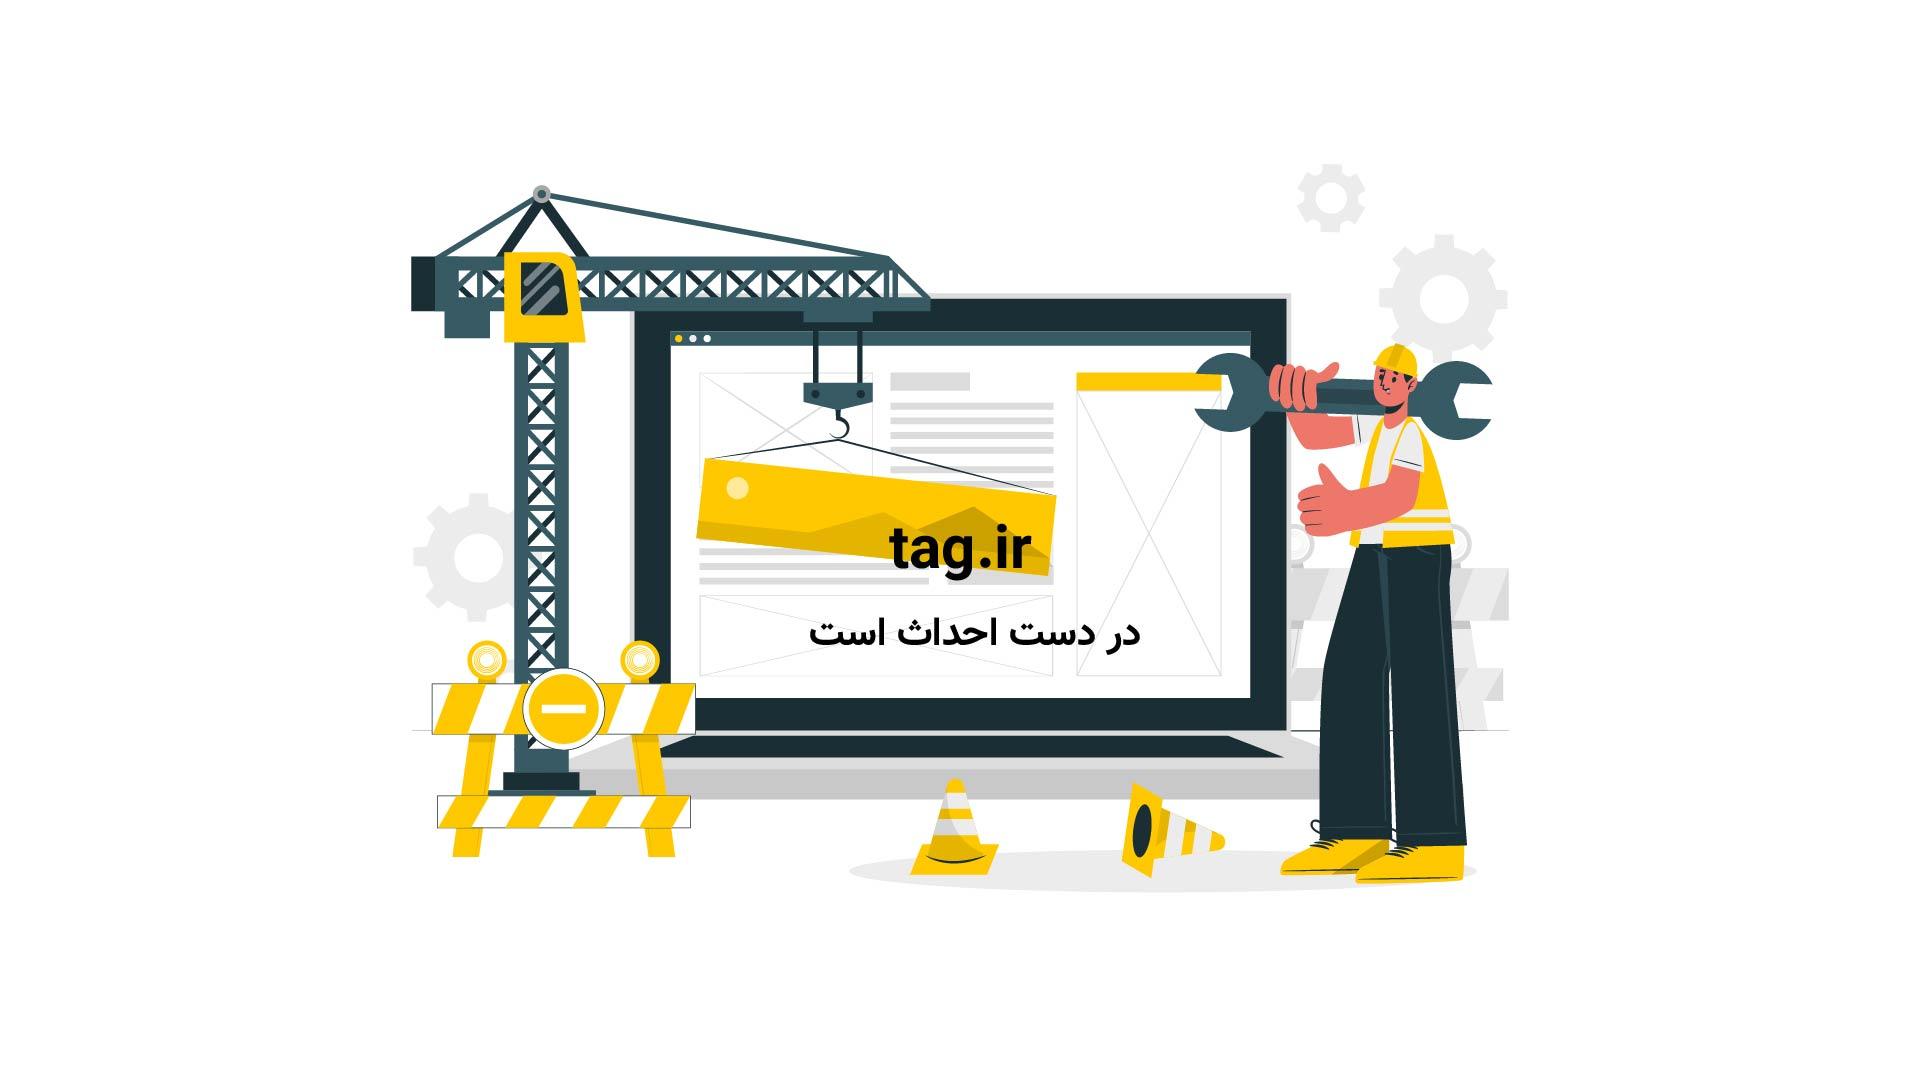 غذاهایی برای کاهش احساس گرسنگی | تگ